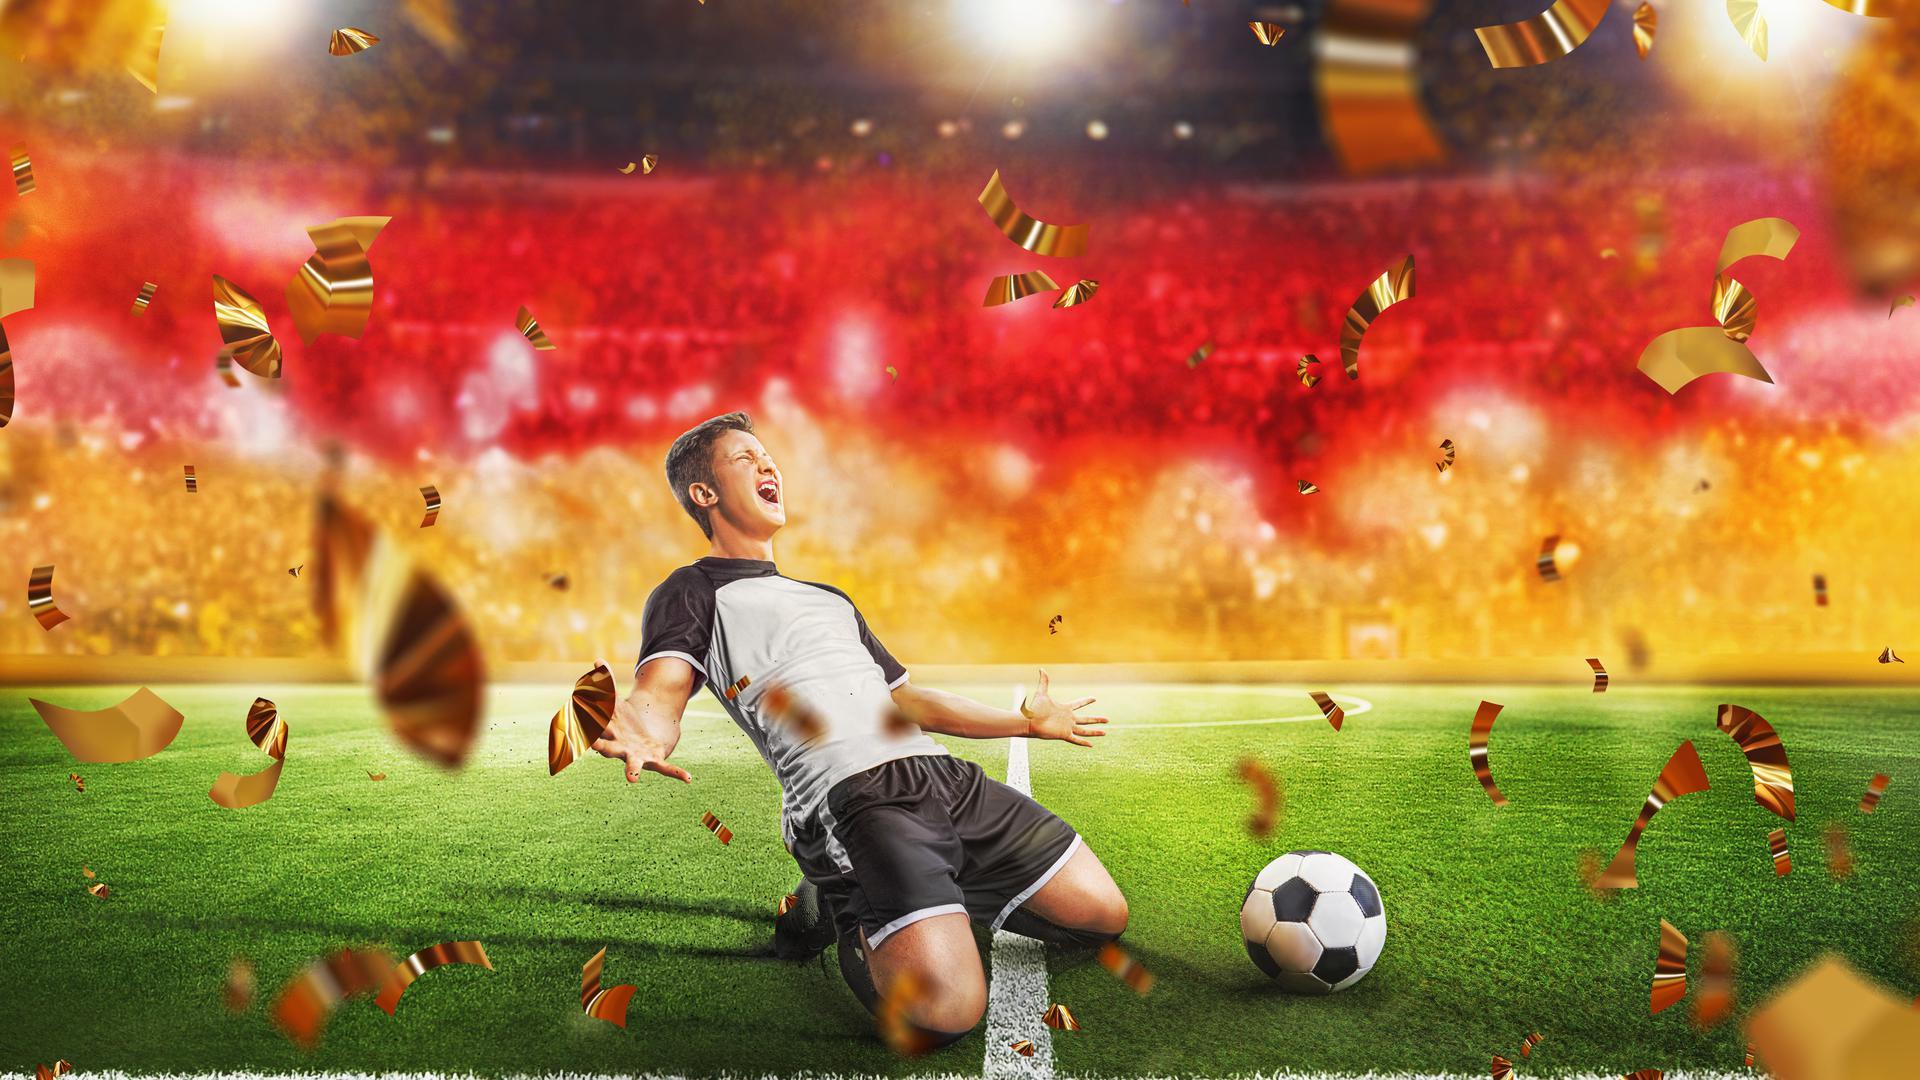 Welche Chancen hat die deutsche Mannschaft bei der EM? Jetzt tippen und gewinnen!